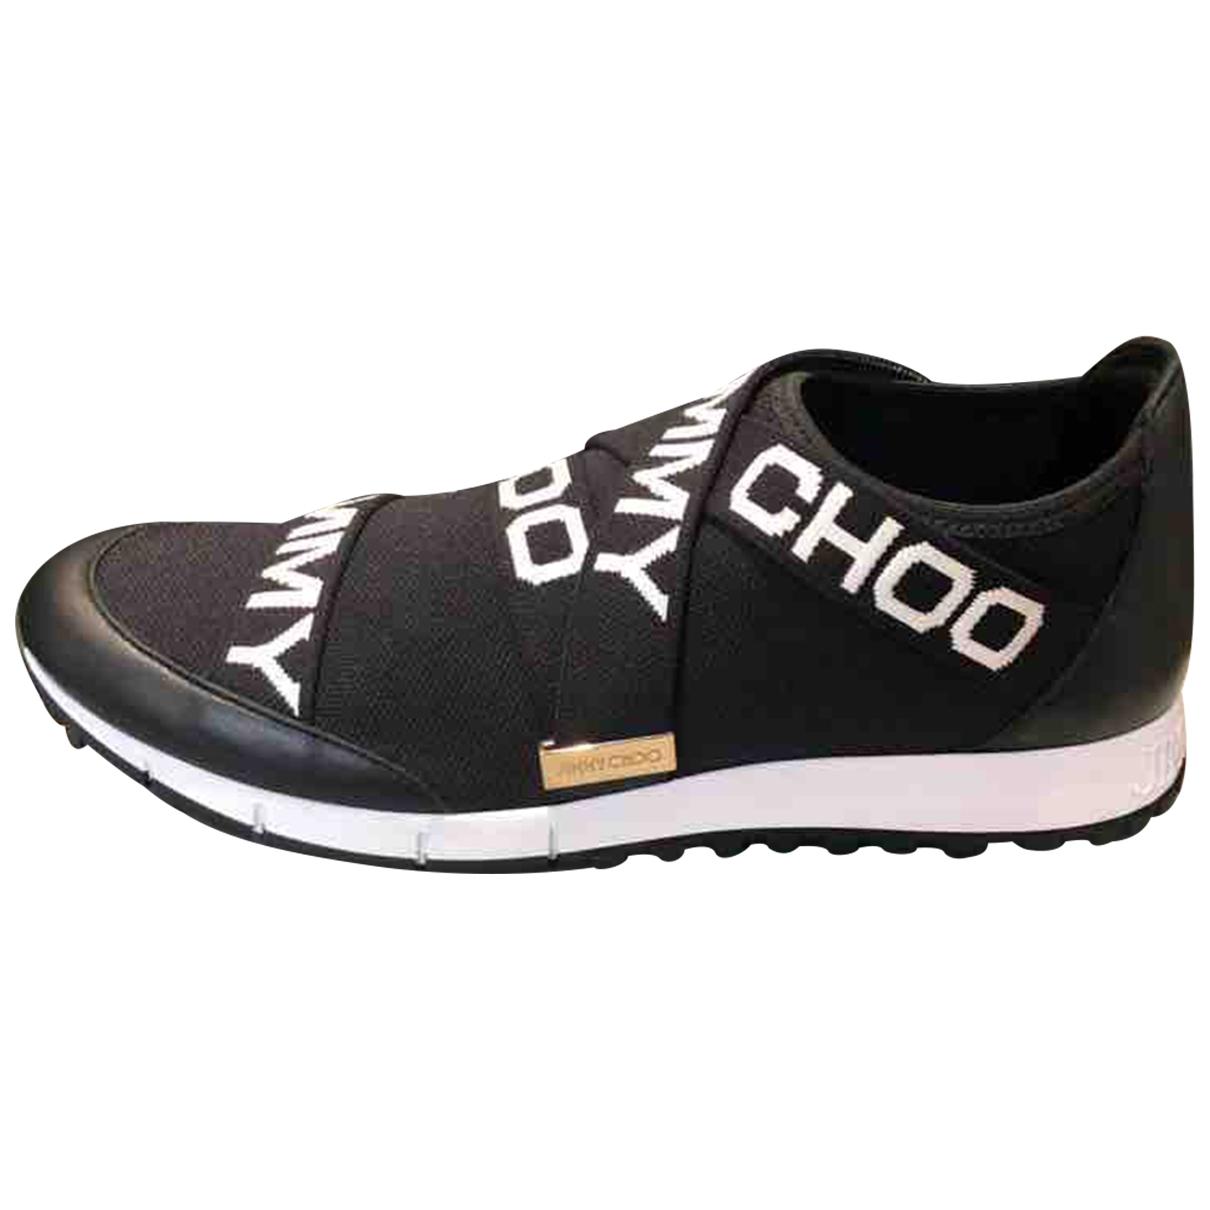 Jimmy Choo \N Black Leather Trainers for Women 41 EU